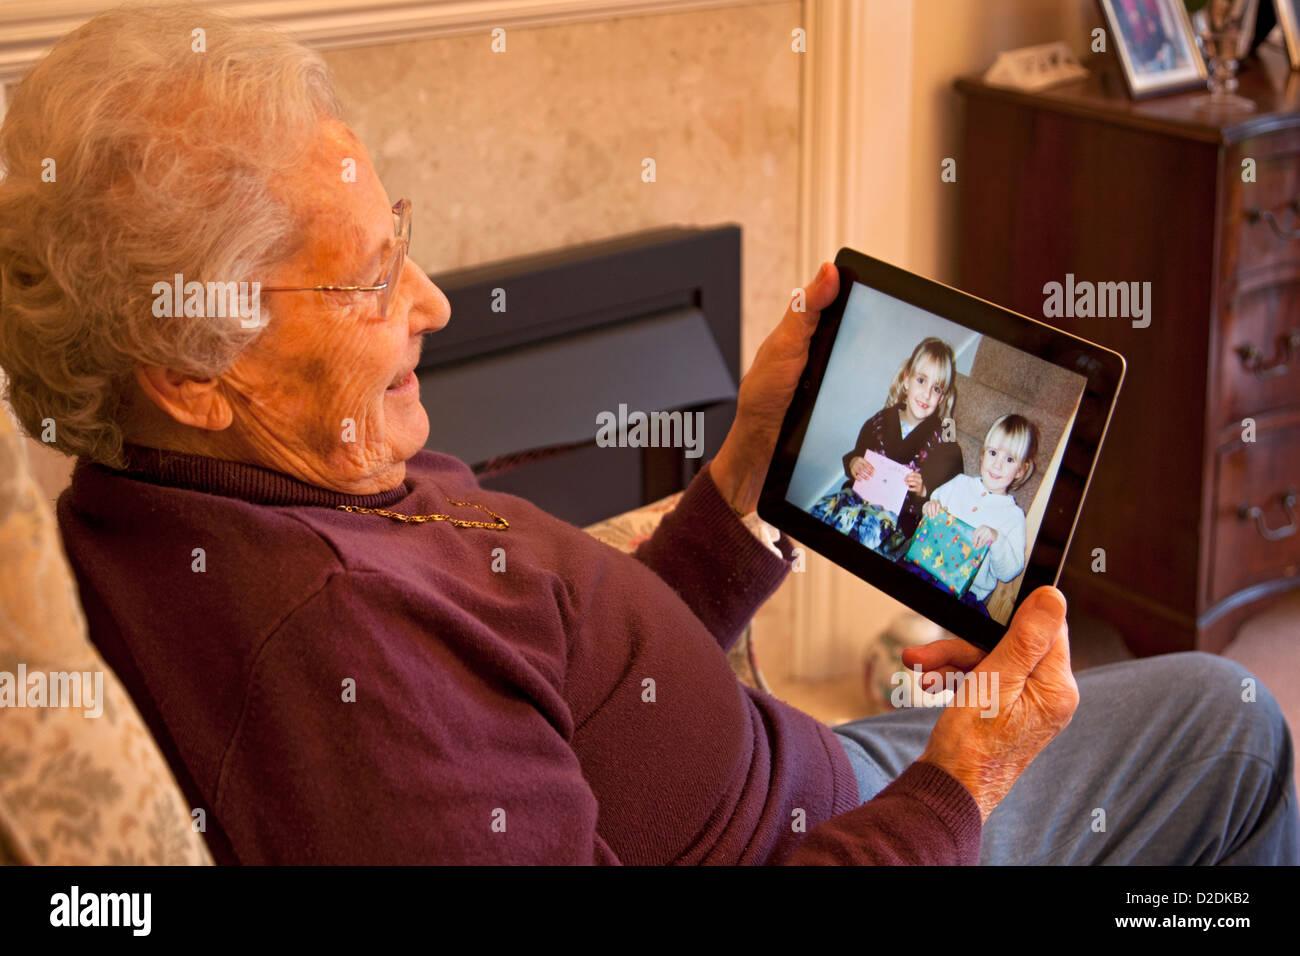 Ältere Frau Rentner mit Brille auf Apple Ipad Tablet zu Hause relaxen am Stuhl Blick auf Foto der Enkelkinder Stockbild